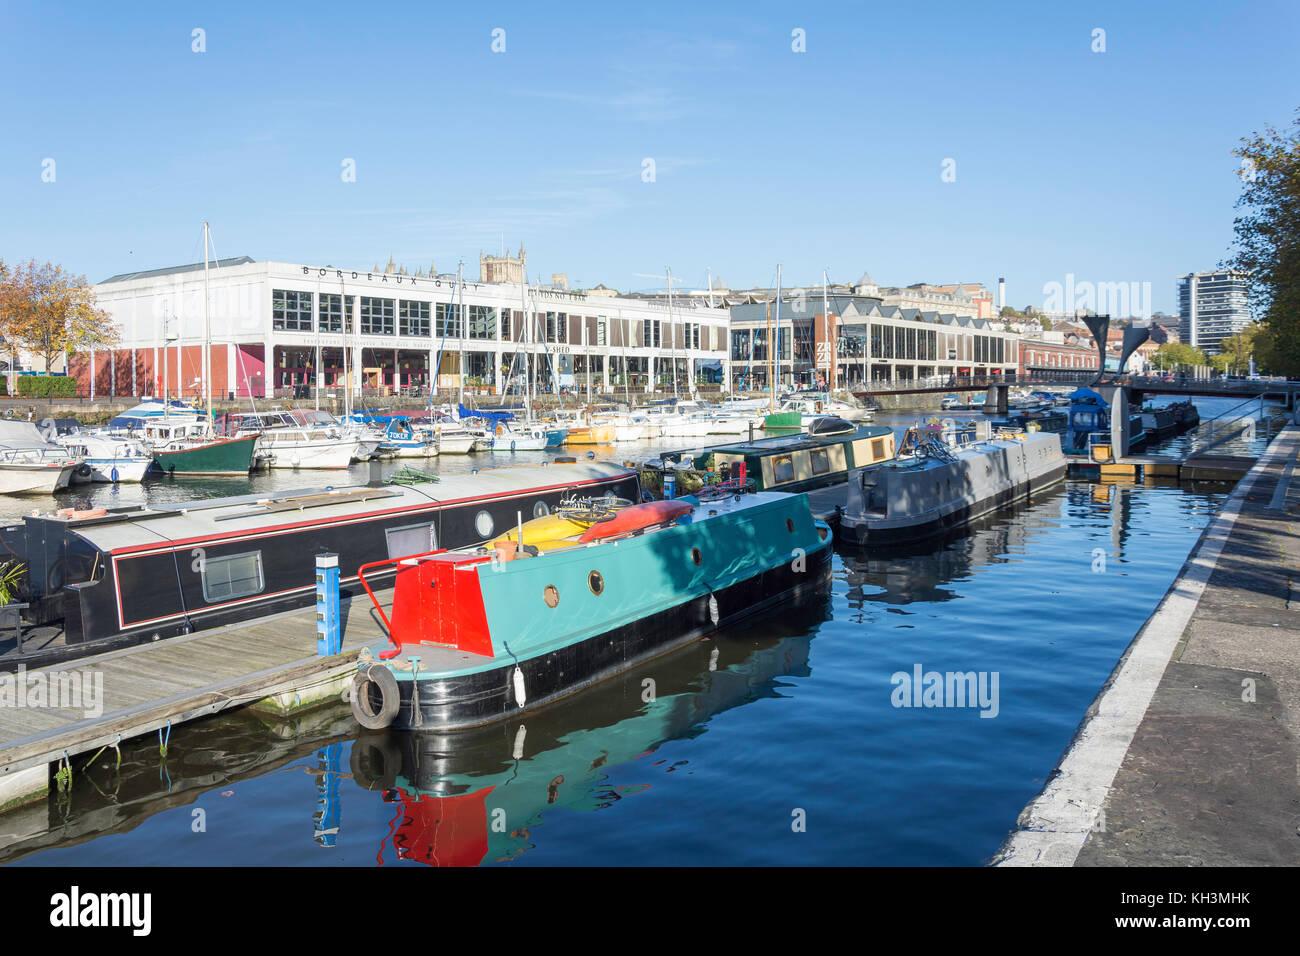 Floating Harbour, Harbourside, Bristol, England, United Kingdom - Stock Image